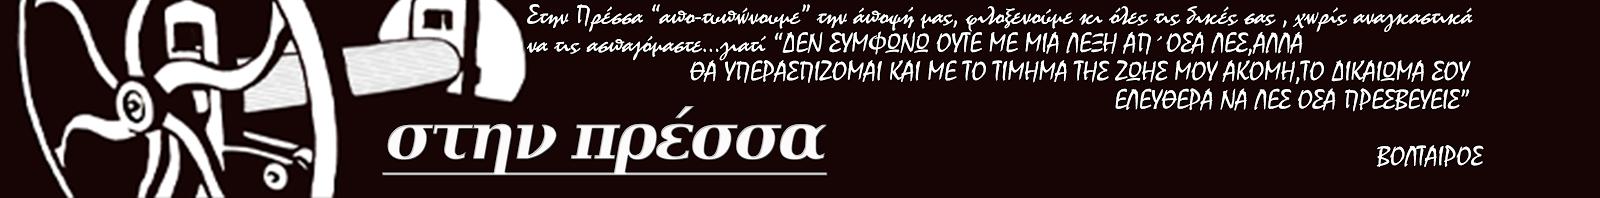 ΣΤΗΝ ΠΡΕΣΣΑ